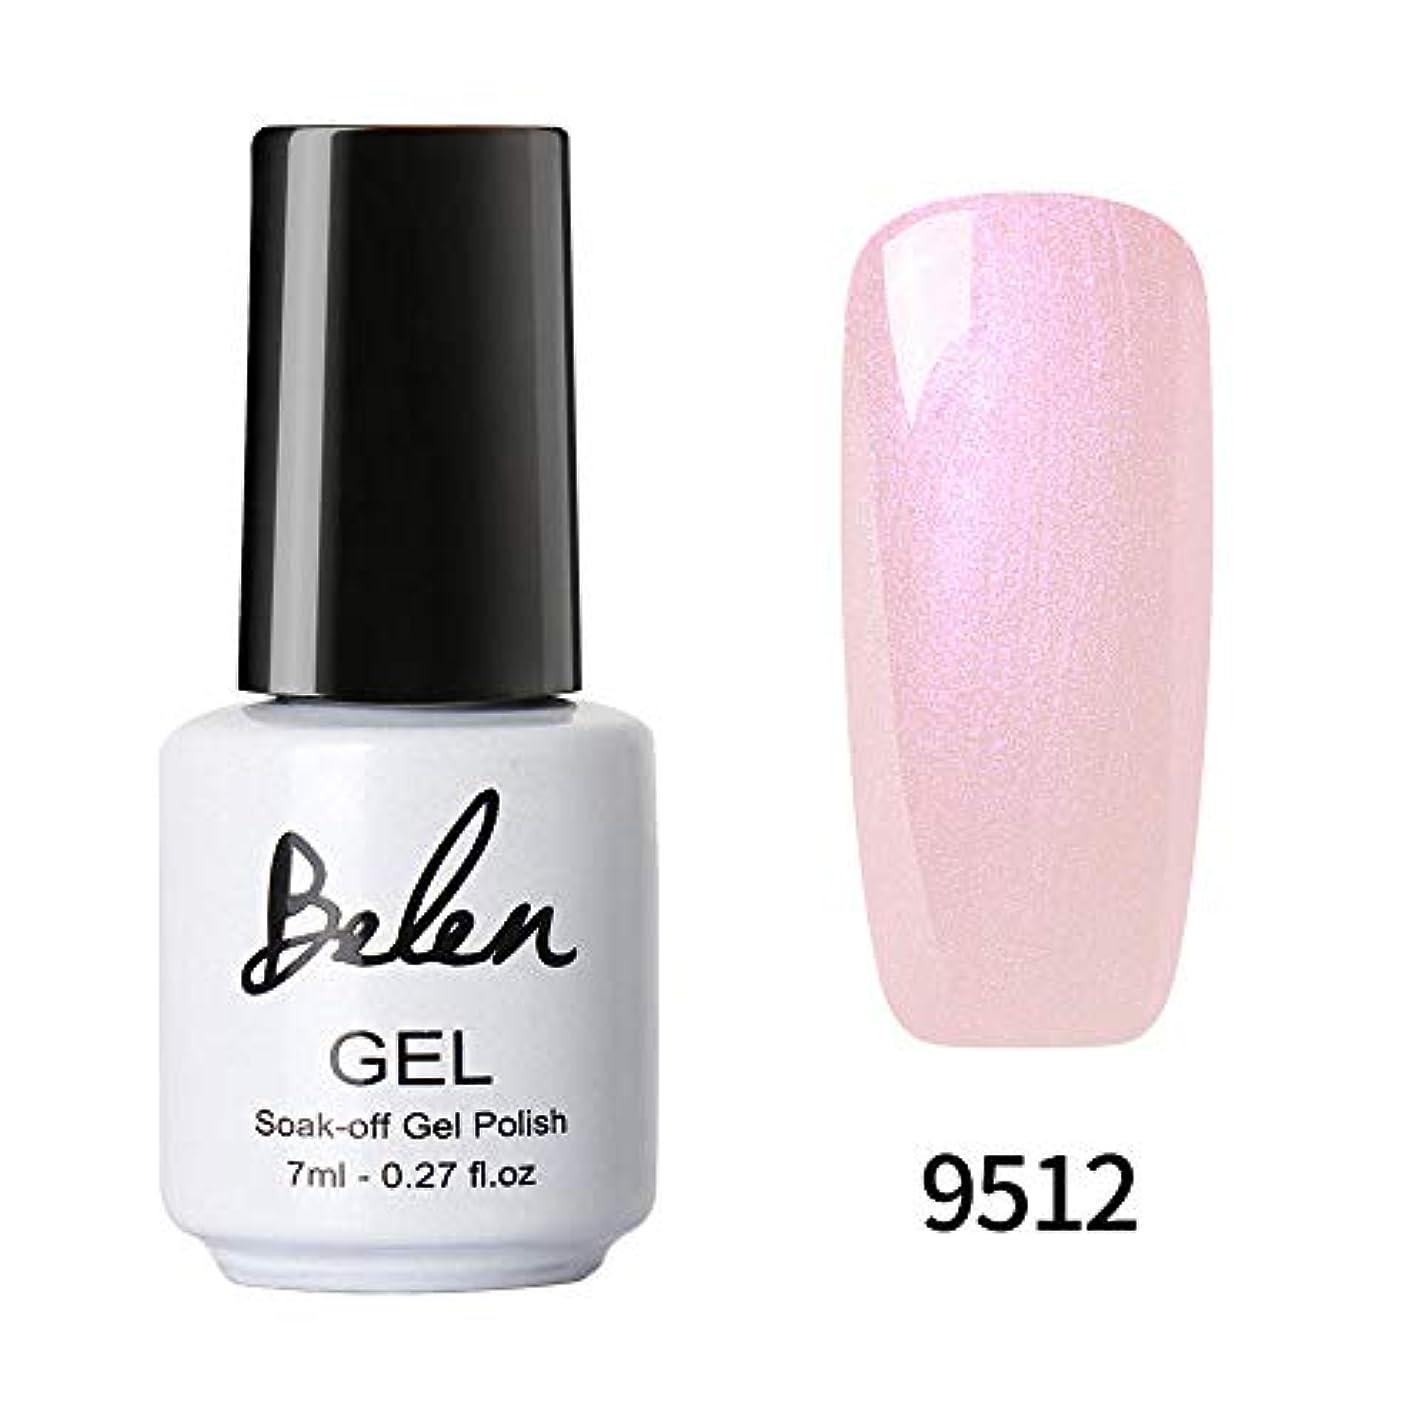 Belen ジェルネイル カラージェル 貝殻系 1色入り 7ml【全15色選択可】